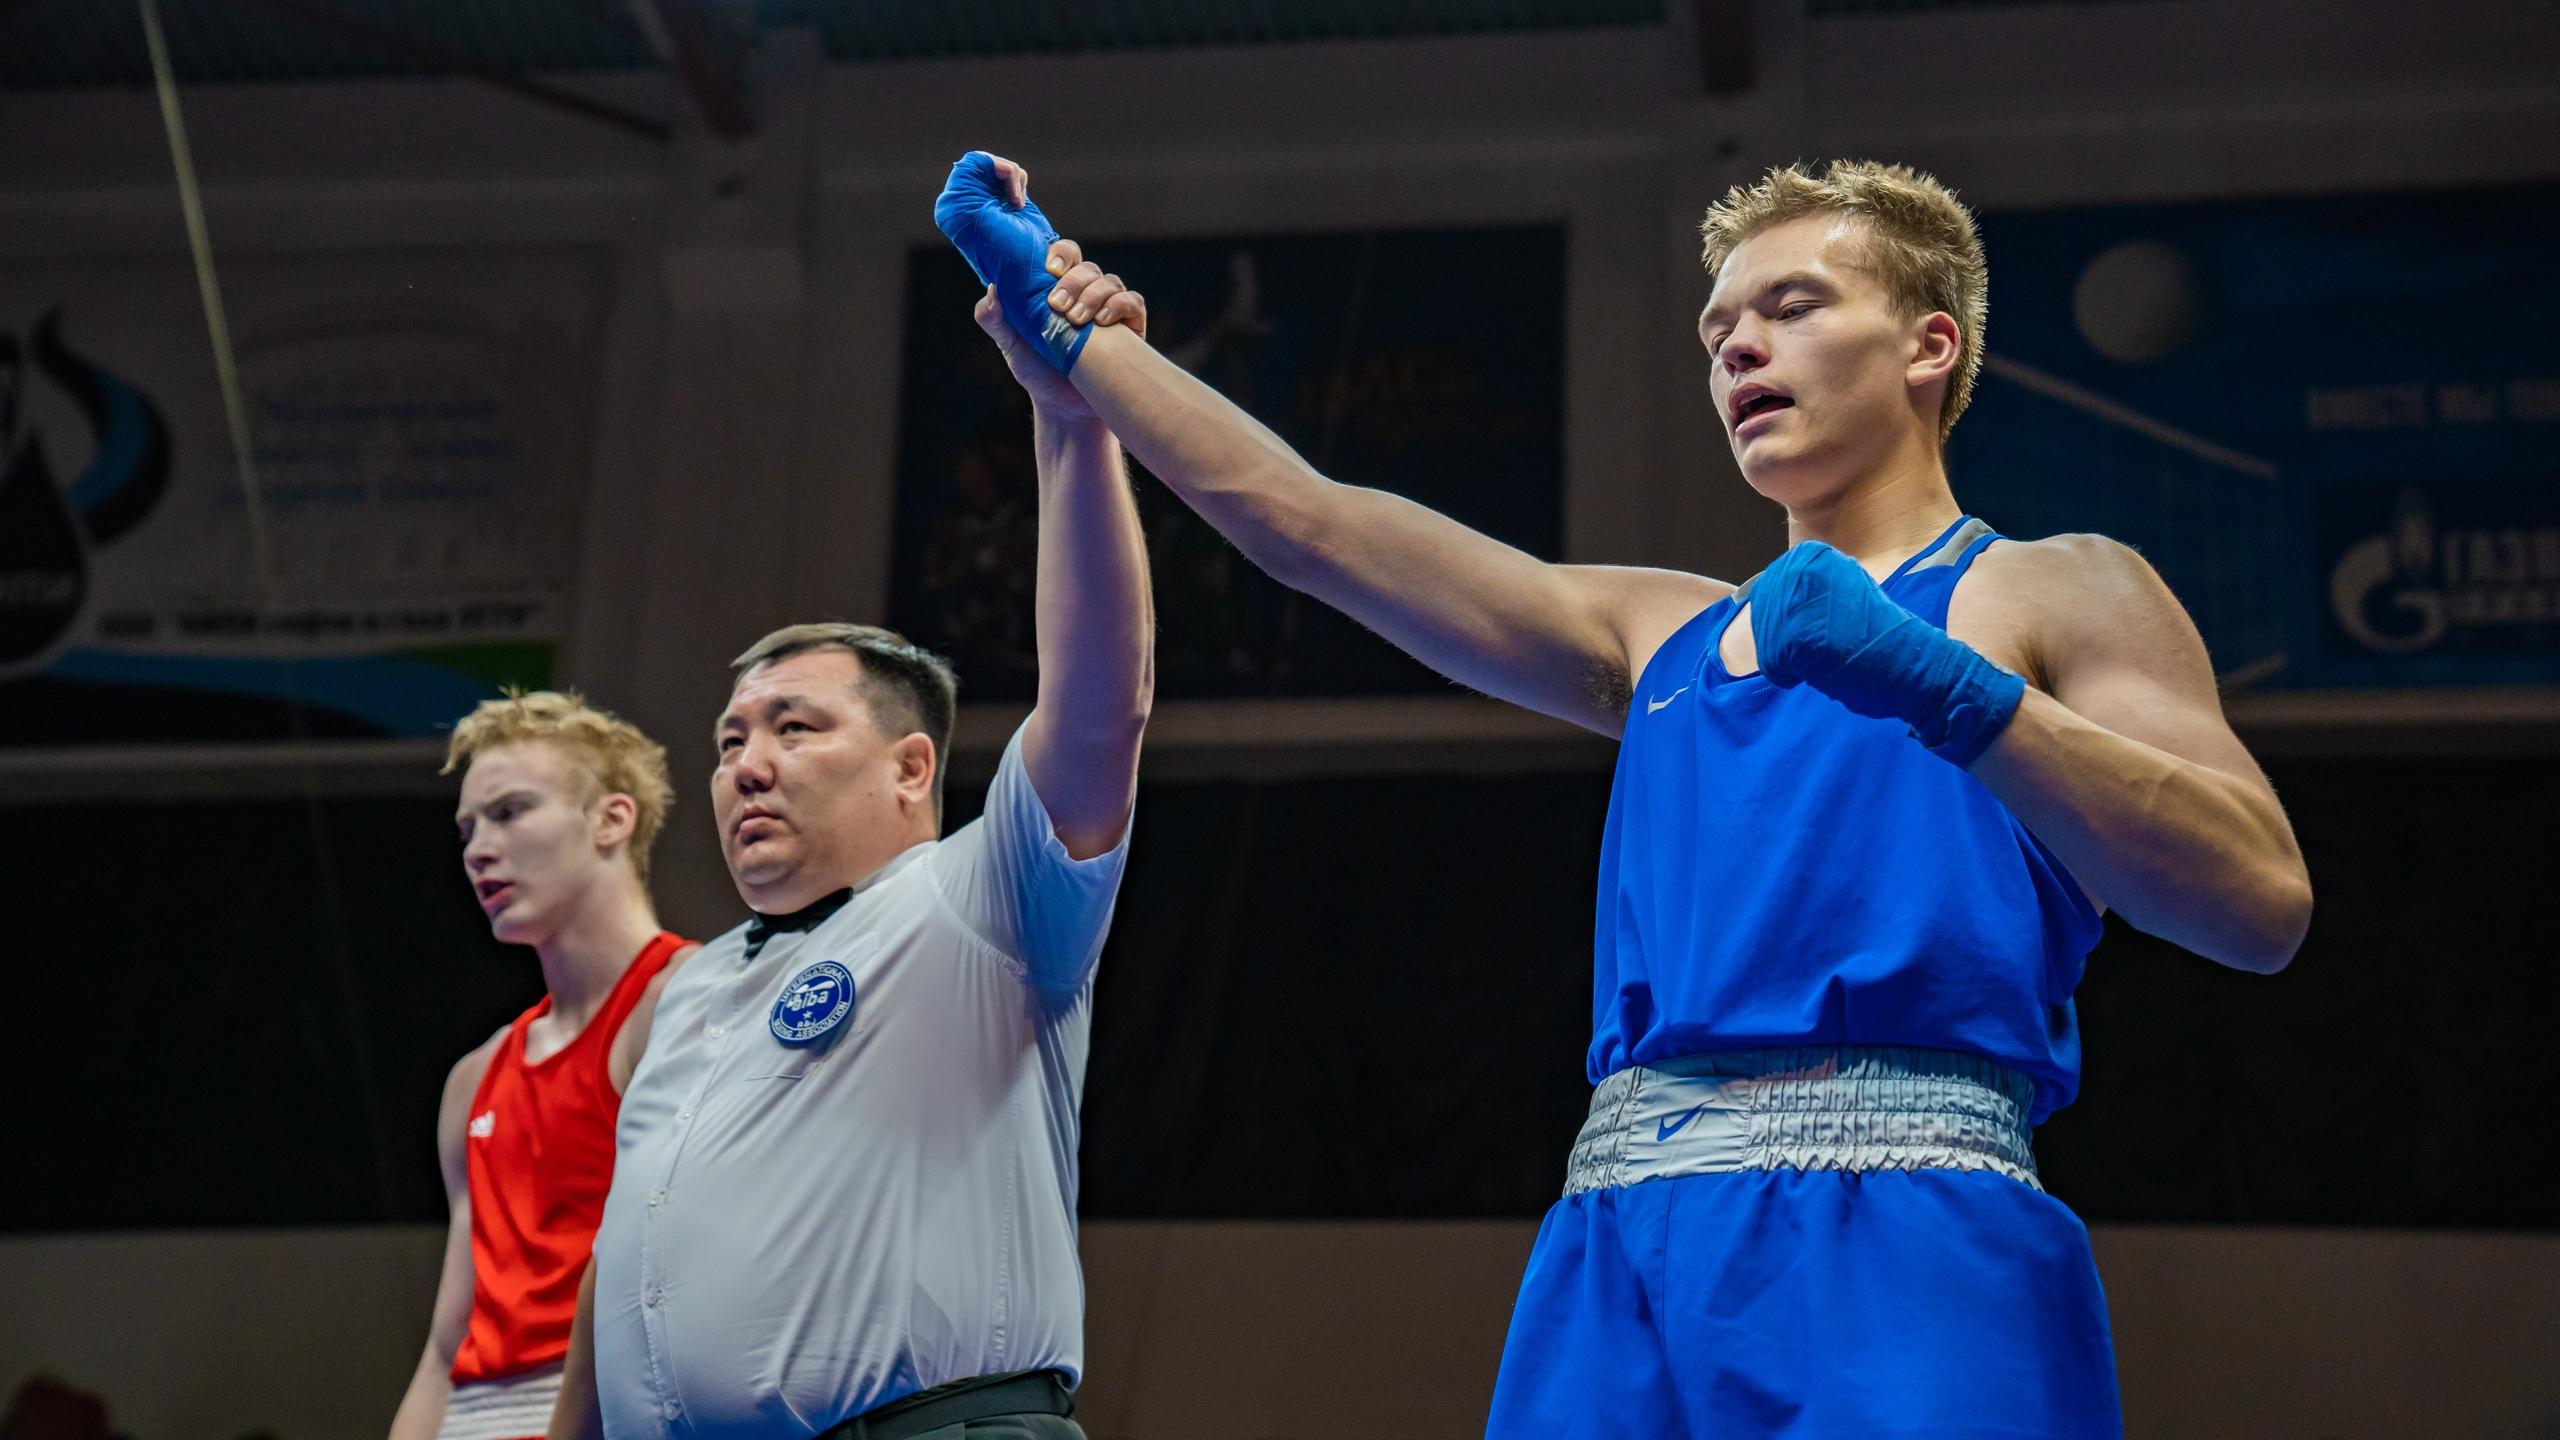 Фото с первенства СЗФО по боксу среди юниоров Ухта 2020_8